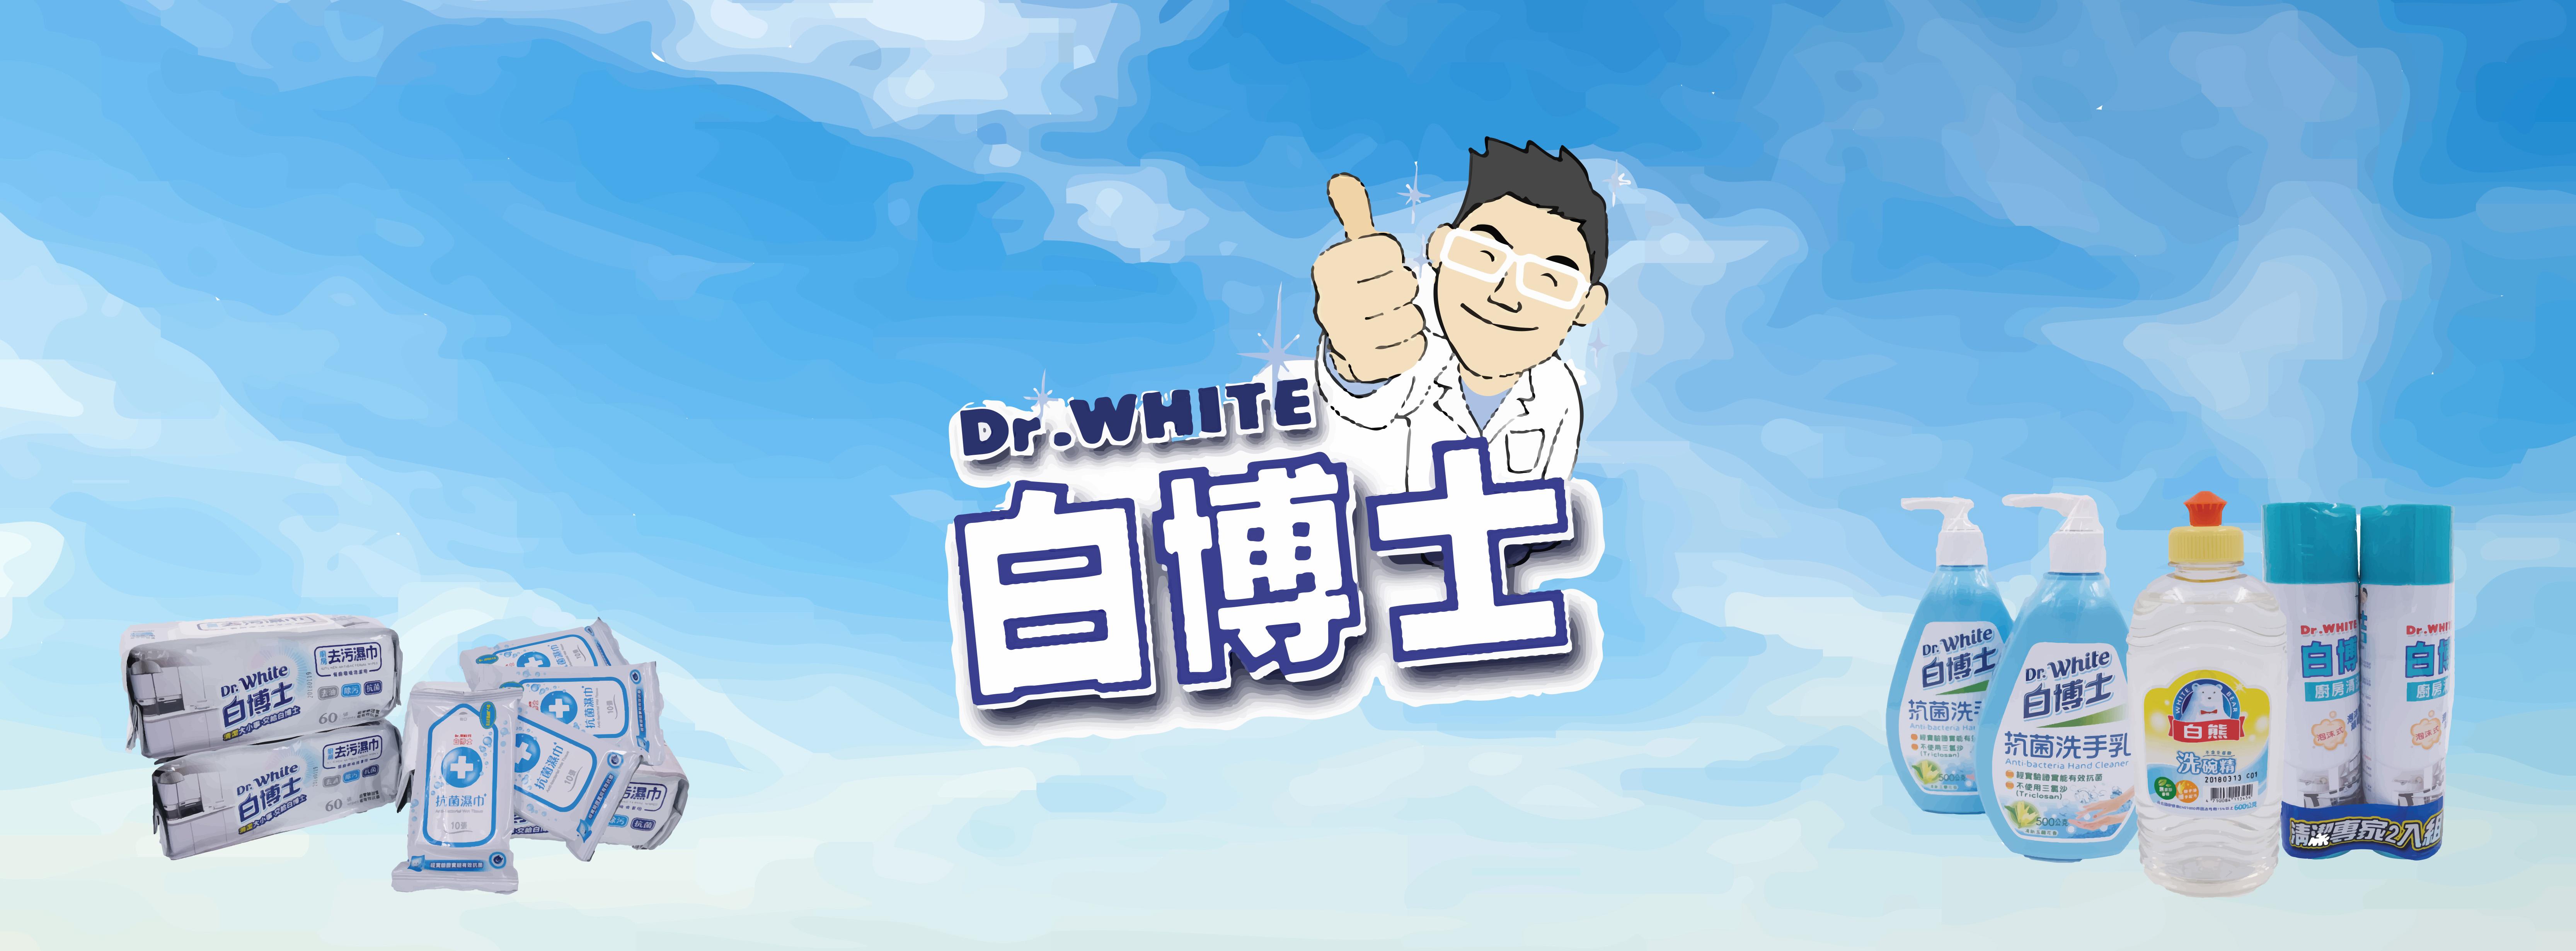 Dr. Bai